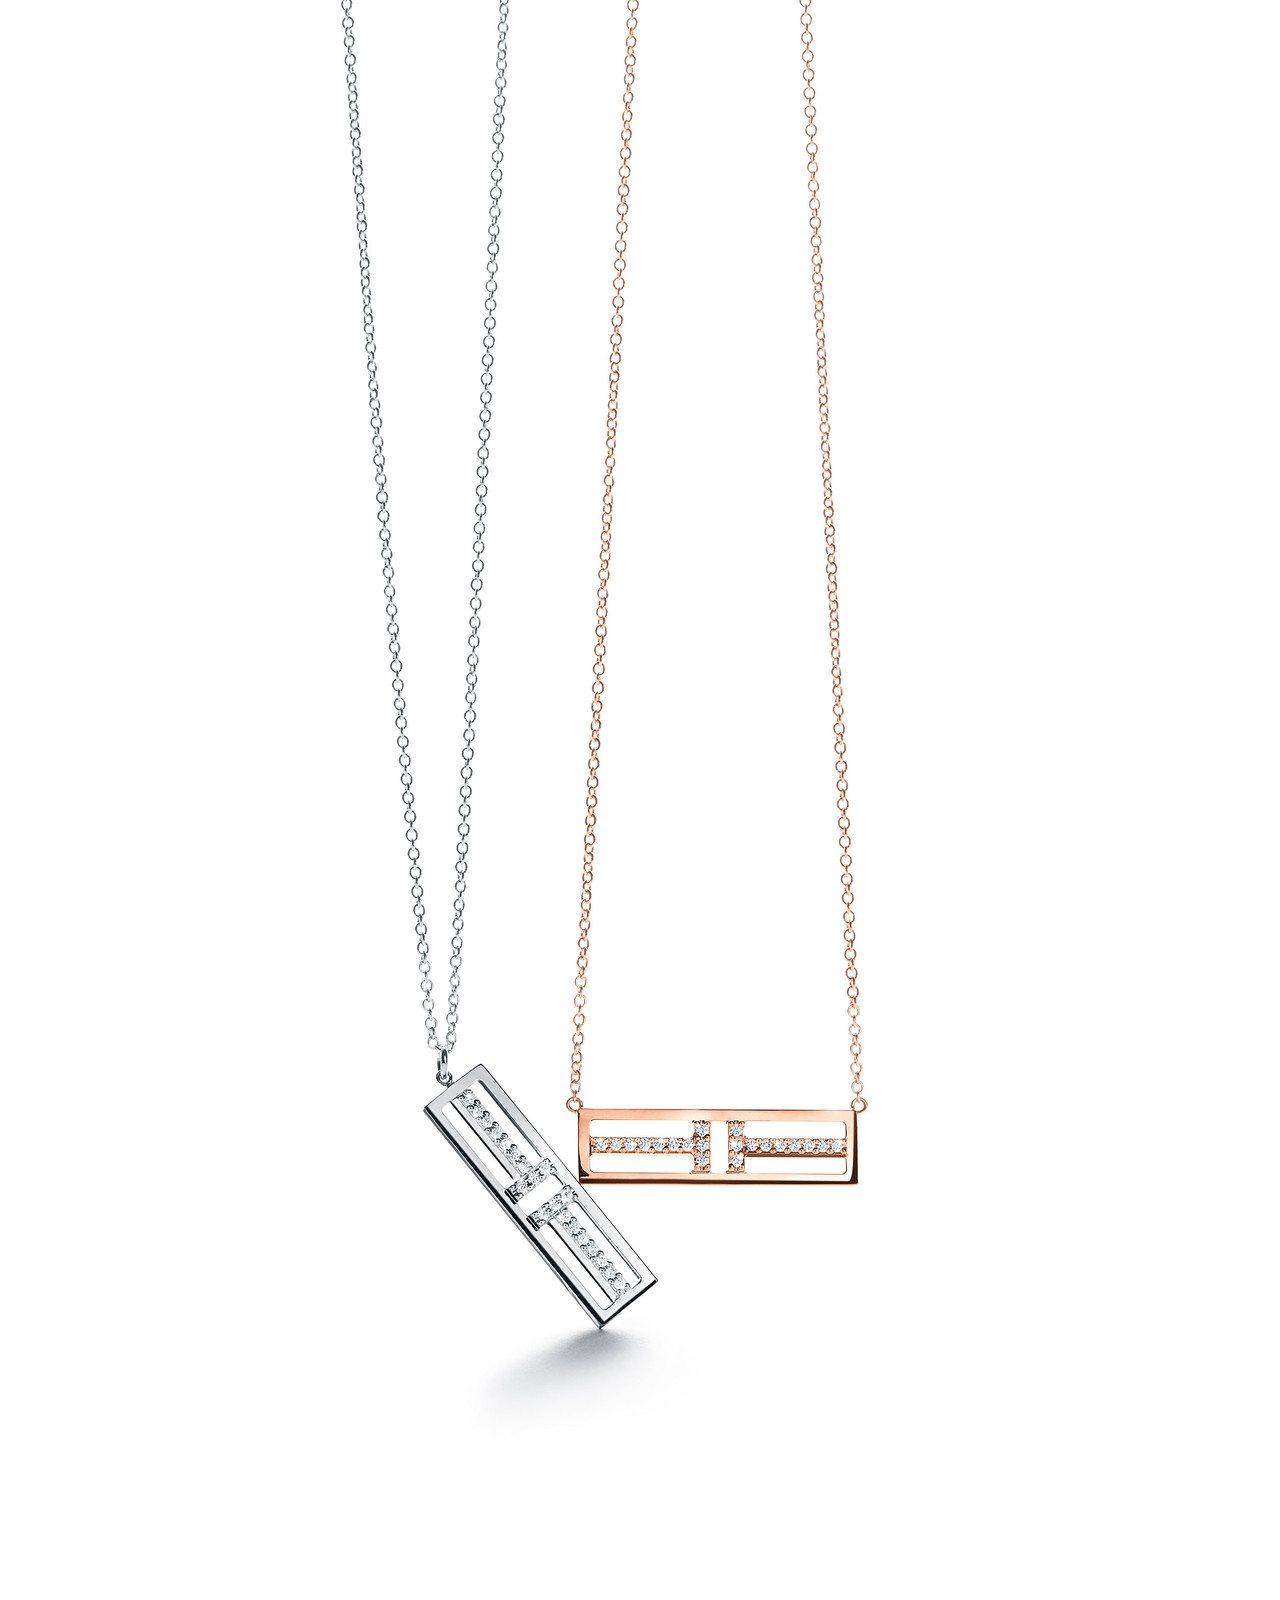 Tiffany T Two 鑲鑽鍊墜 (左至右) 18K白金鑲鑽鍊墜69,000...